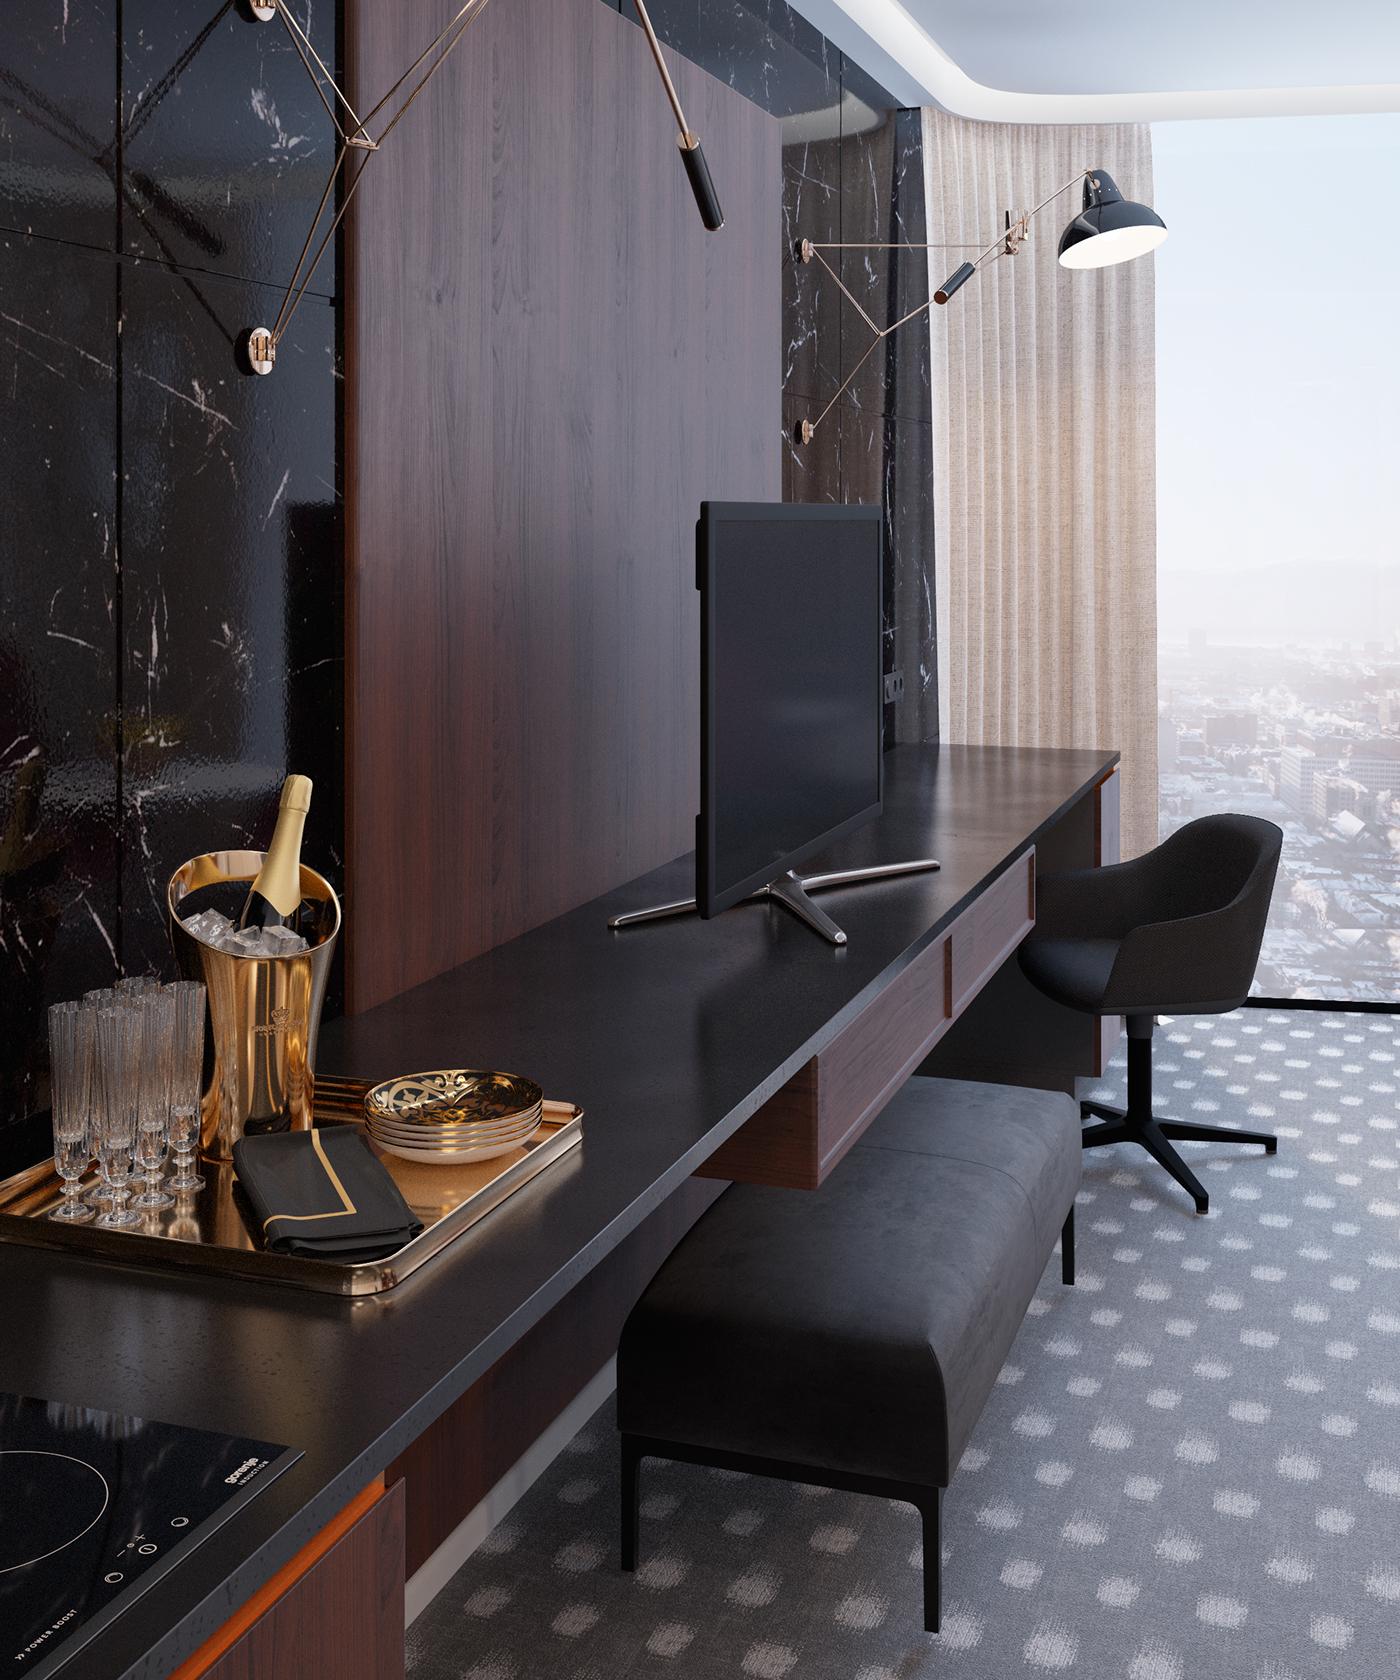 1833b134905039-56e86a435423d Роскошная квартира Роскошная квартира от дизайнера Ольги Ермолиной 1833b134905039